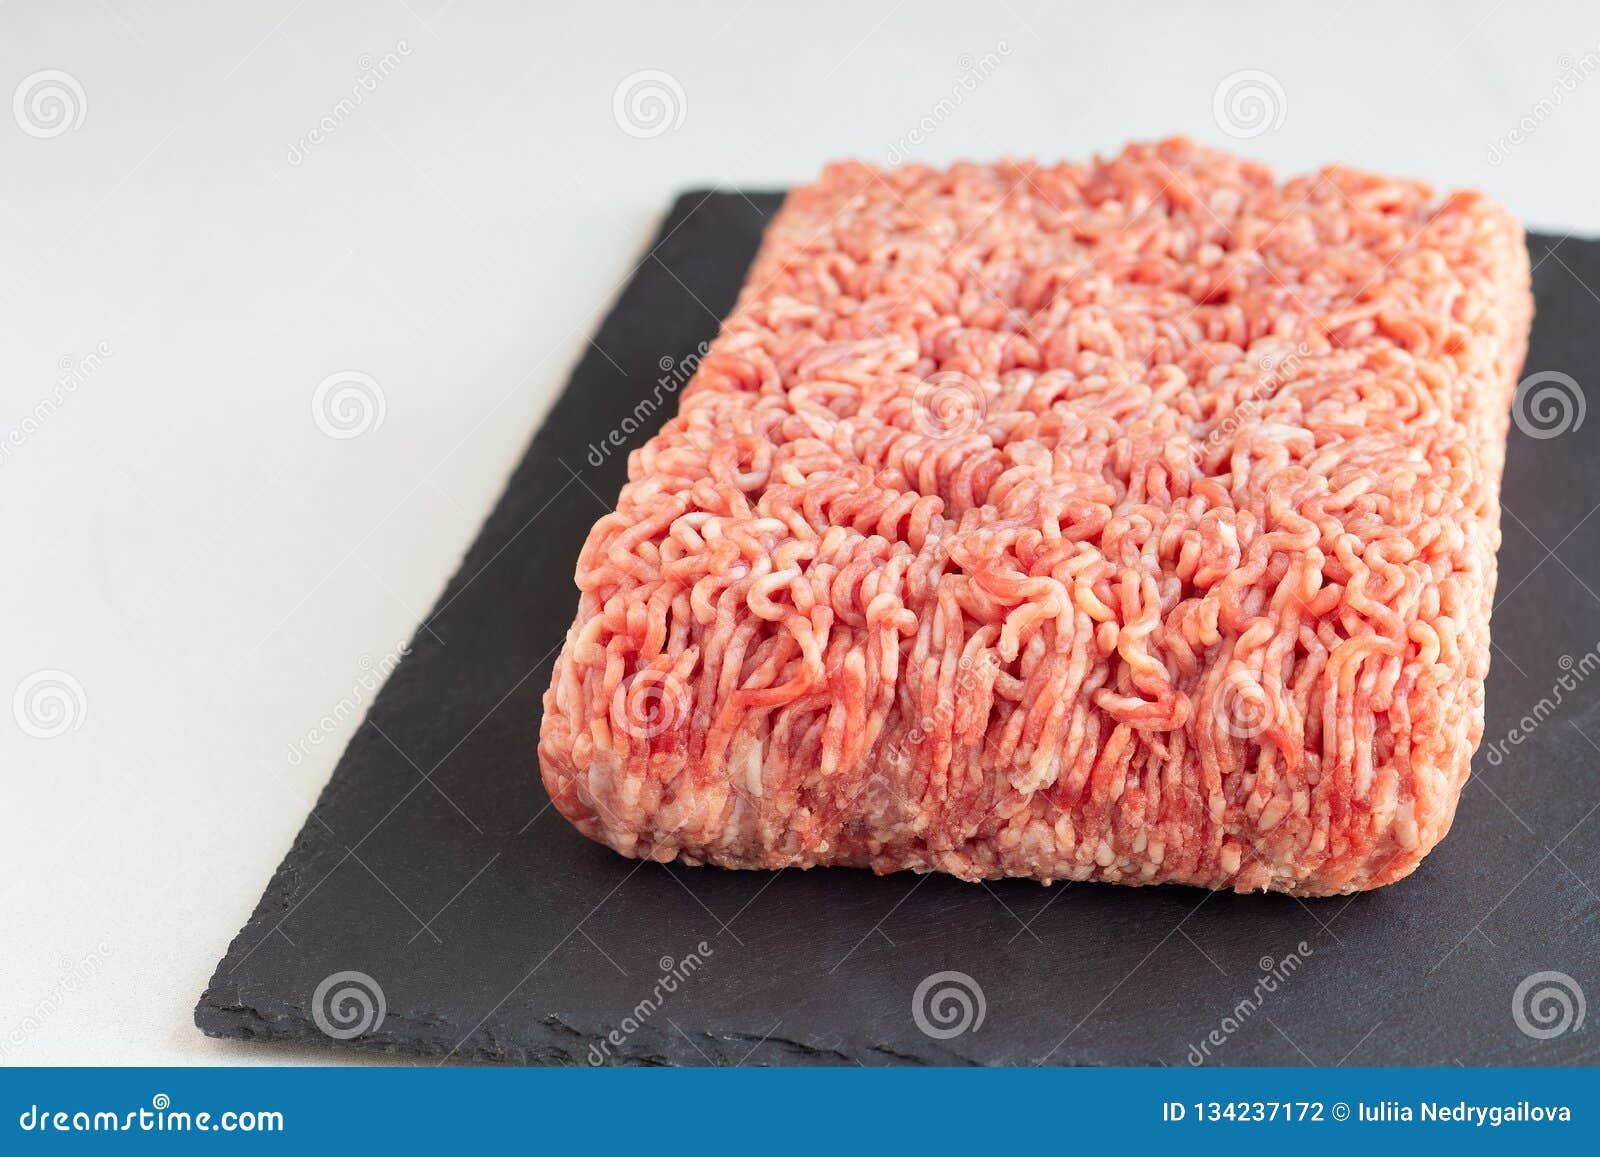 Köttfärs från griskött och nötkött, jordkött på mörker kritiserar brädet som är horisontal, kopieringsutrymme